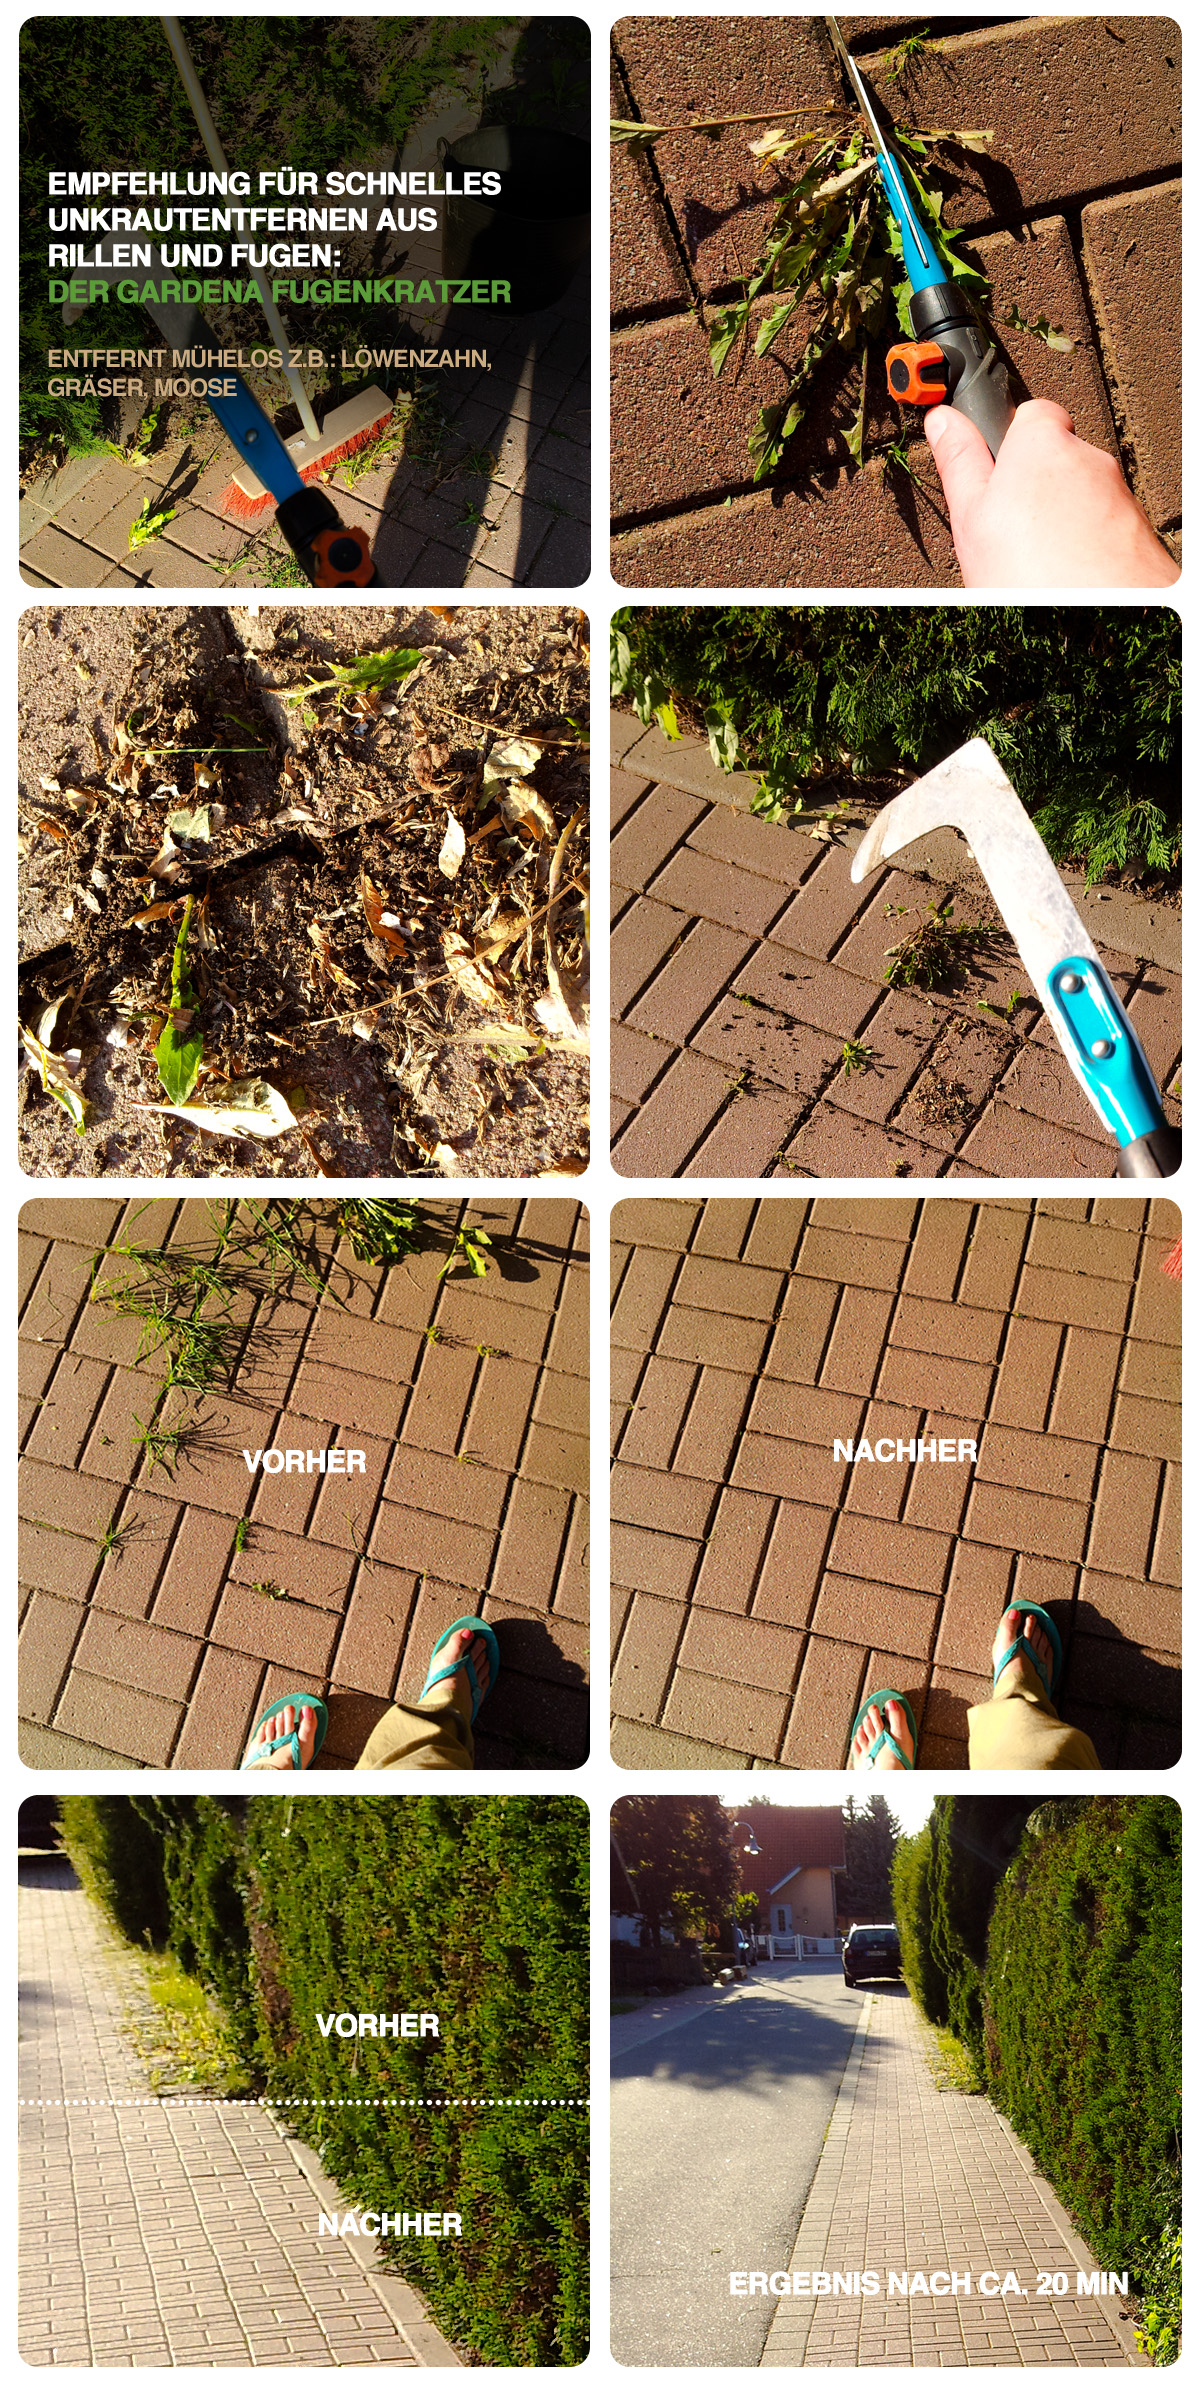 Meine Werkzeug-Empfehlung, wenn es darum geht, Moos, Unkraut und Löwenzahn aus Pflasterfugen und Rillen zu entfernen: Der Gardena Fugenkratzer